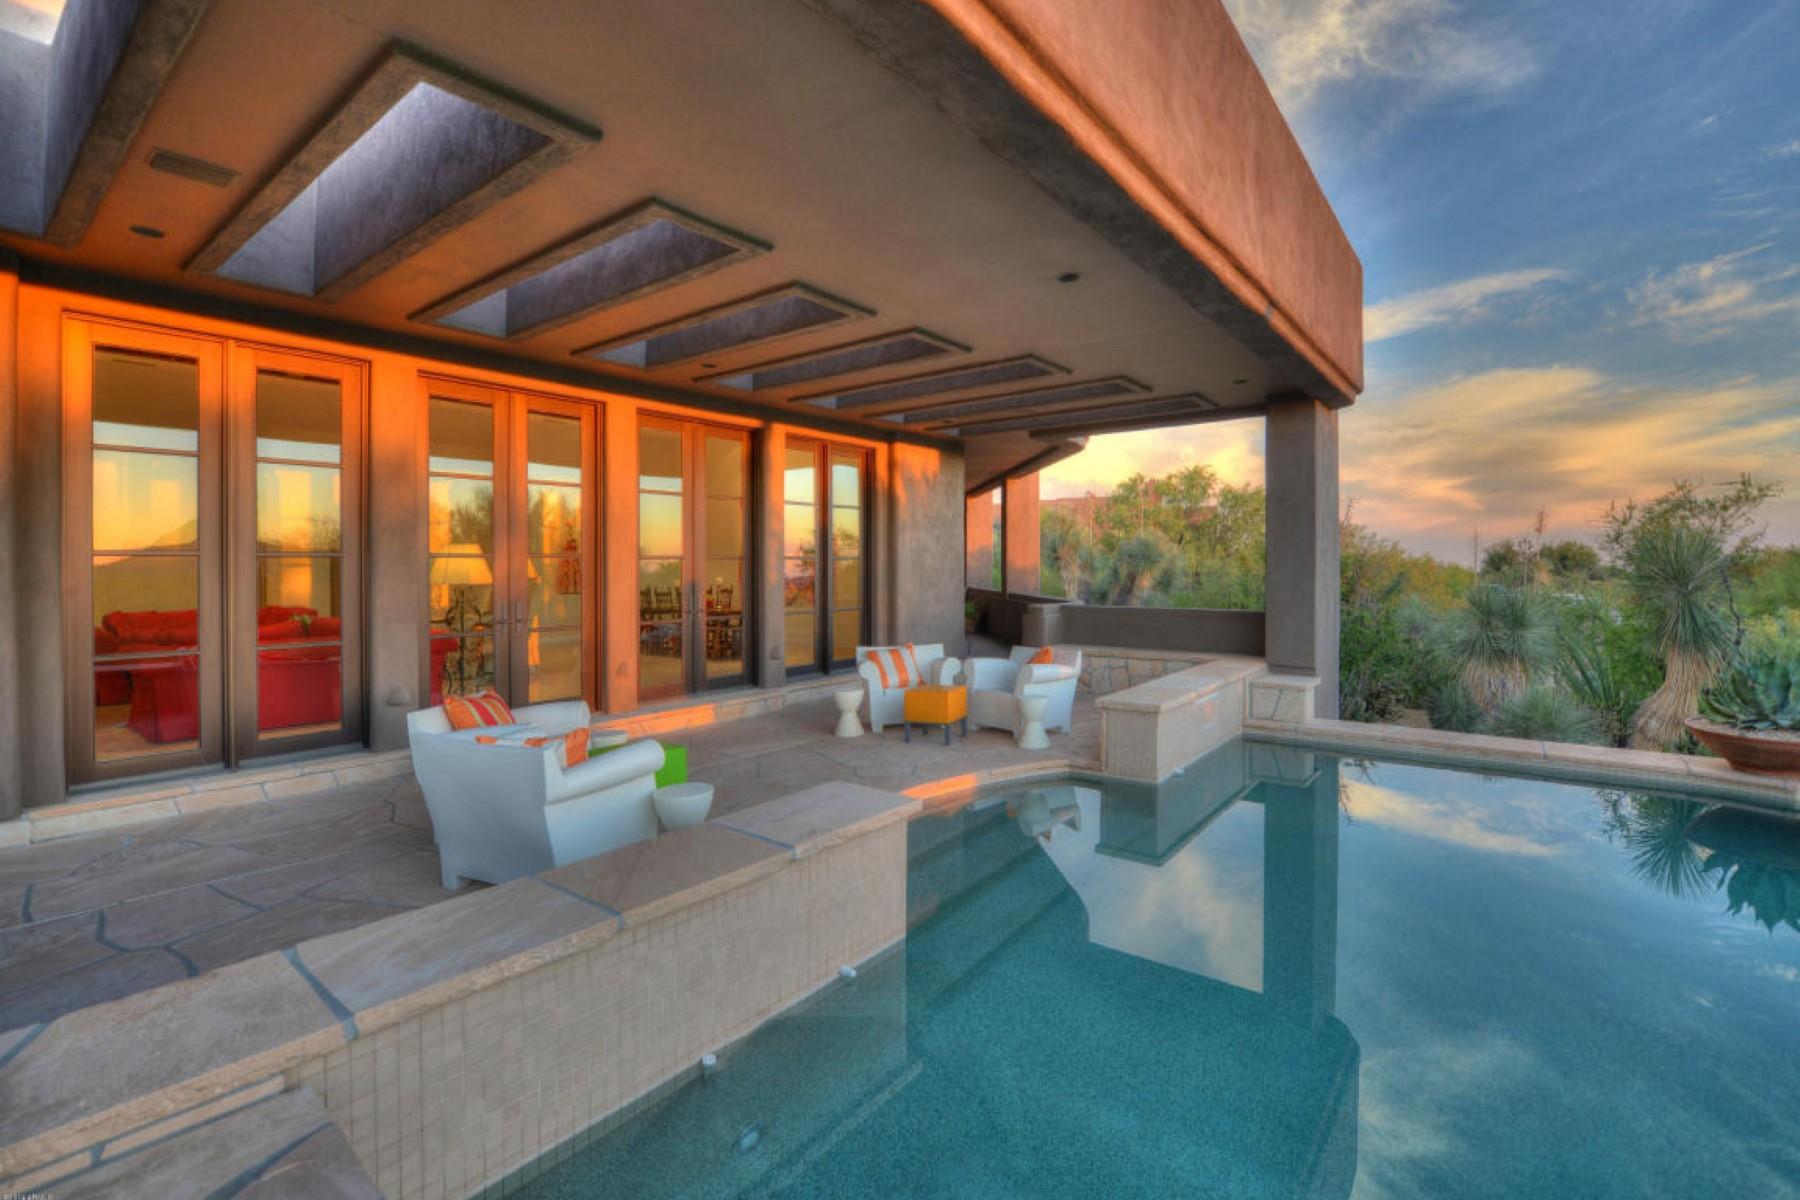 단독 가정 주택 용 매매 에 Santa Barbara Desert Oasis in Desert Mountain 39658 N 104th St, Scottsdale, 아리조나, 85262 미국